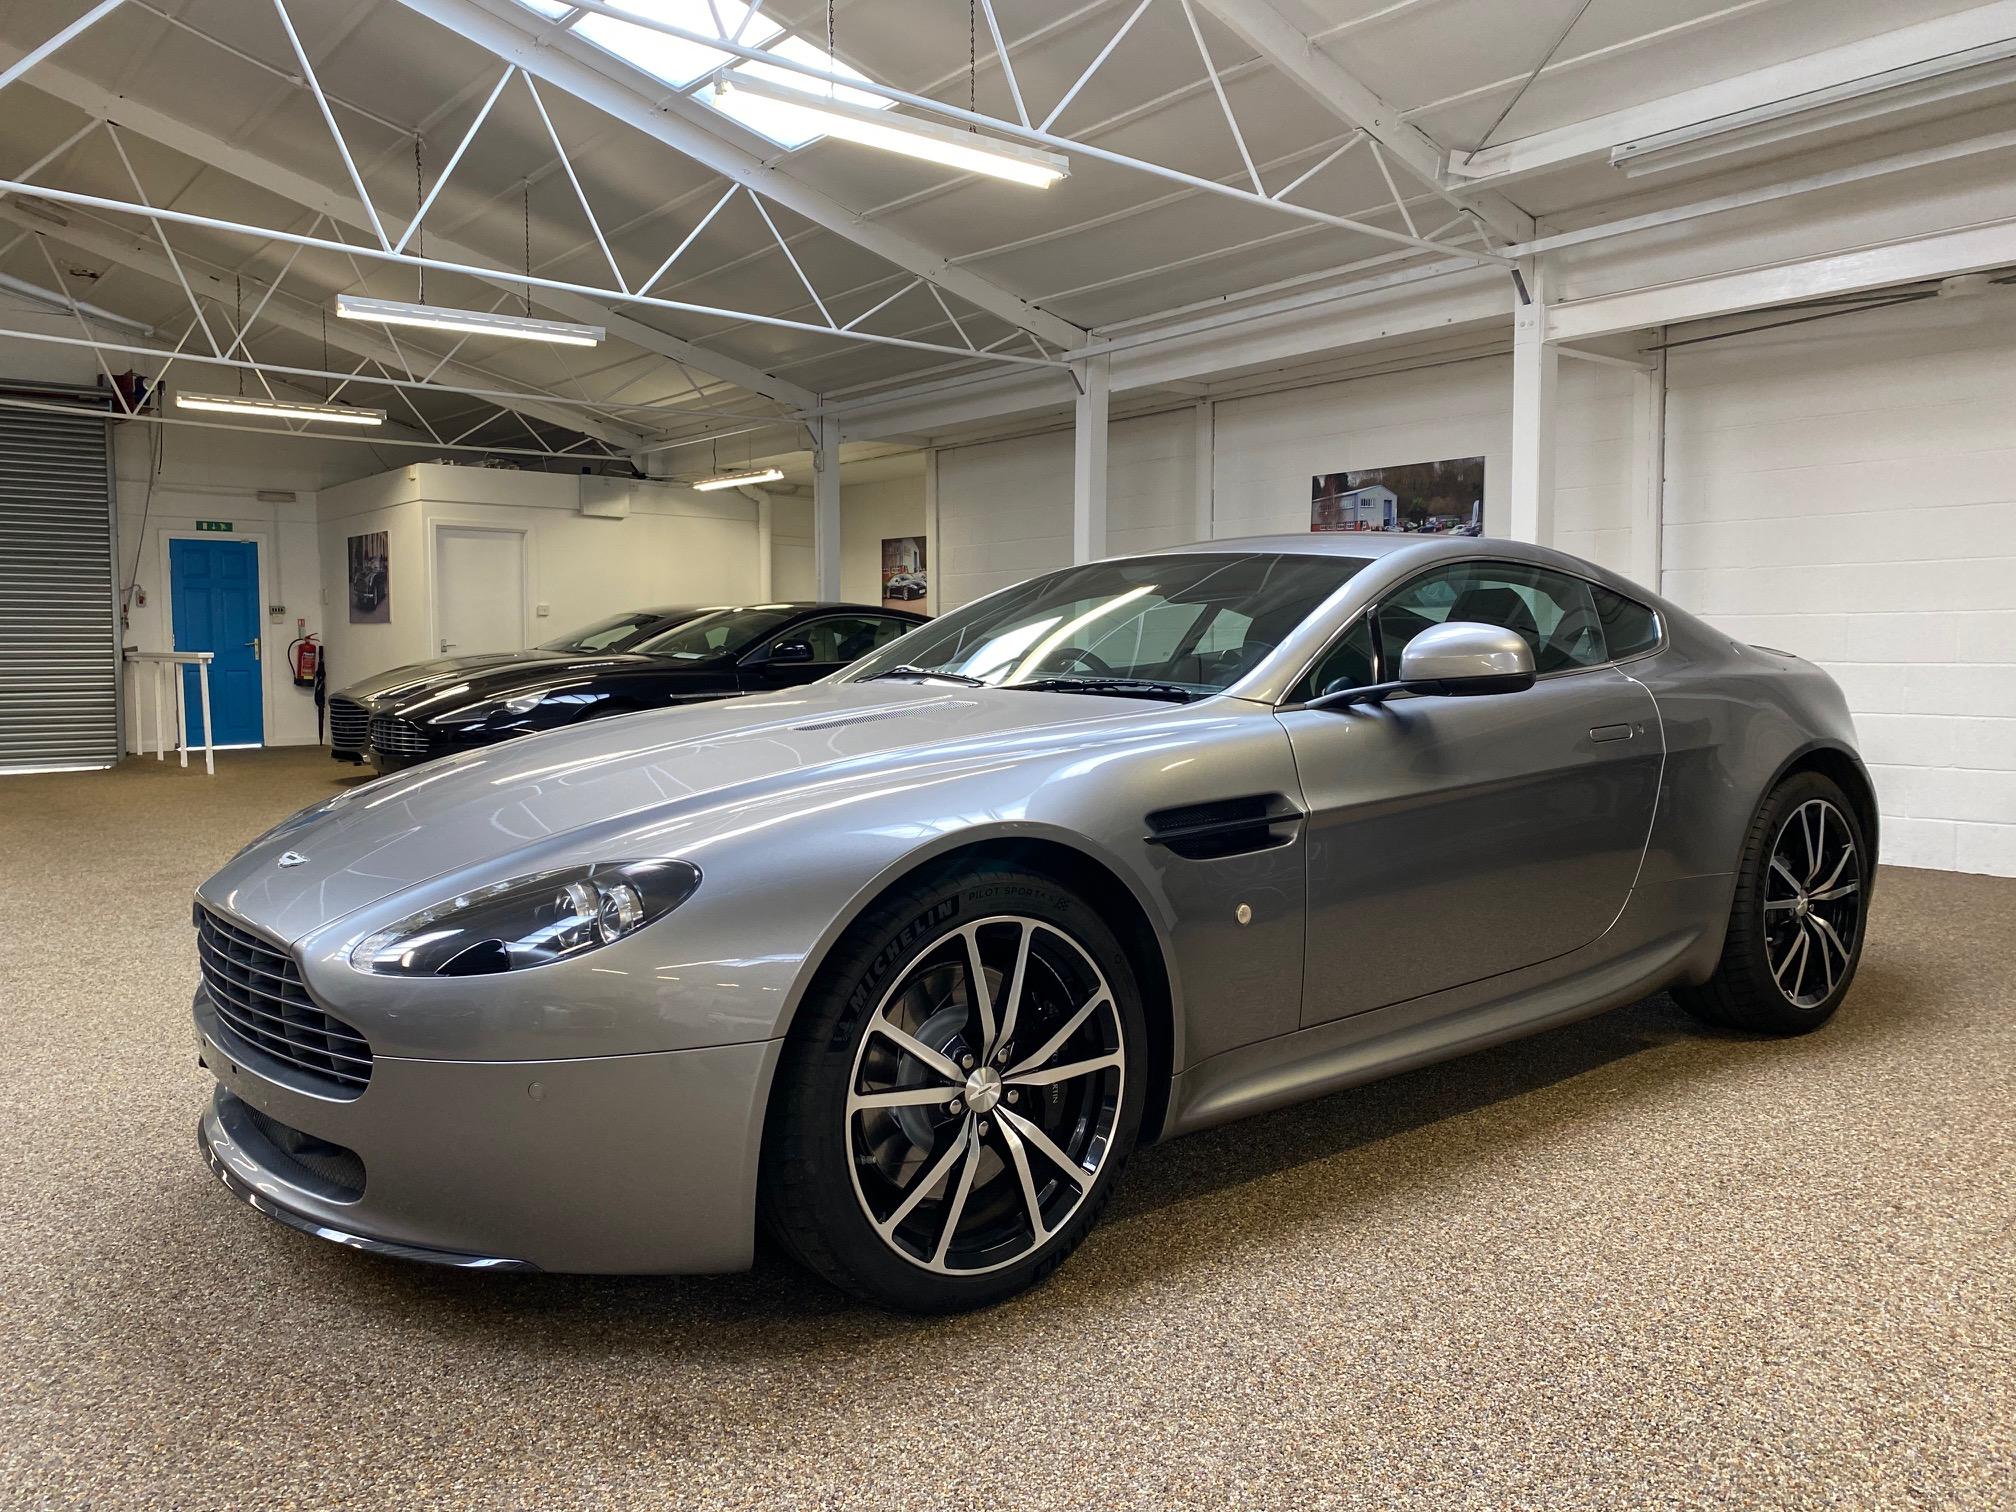 Used Aston Martin V8 Vantage N420 For Sale